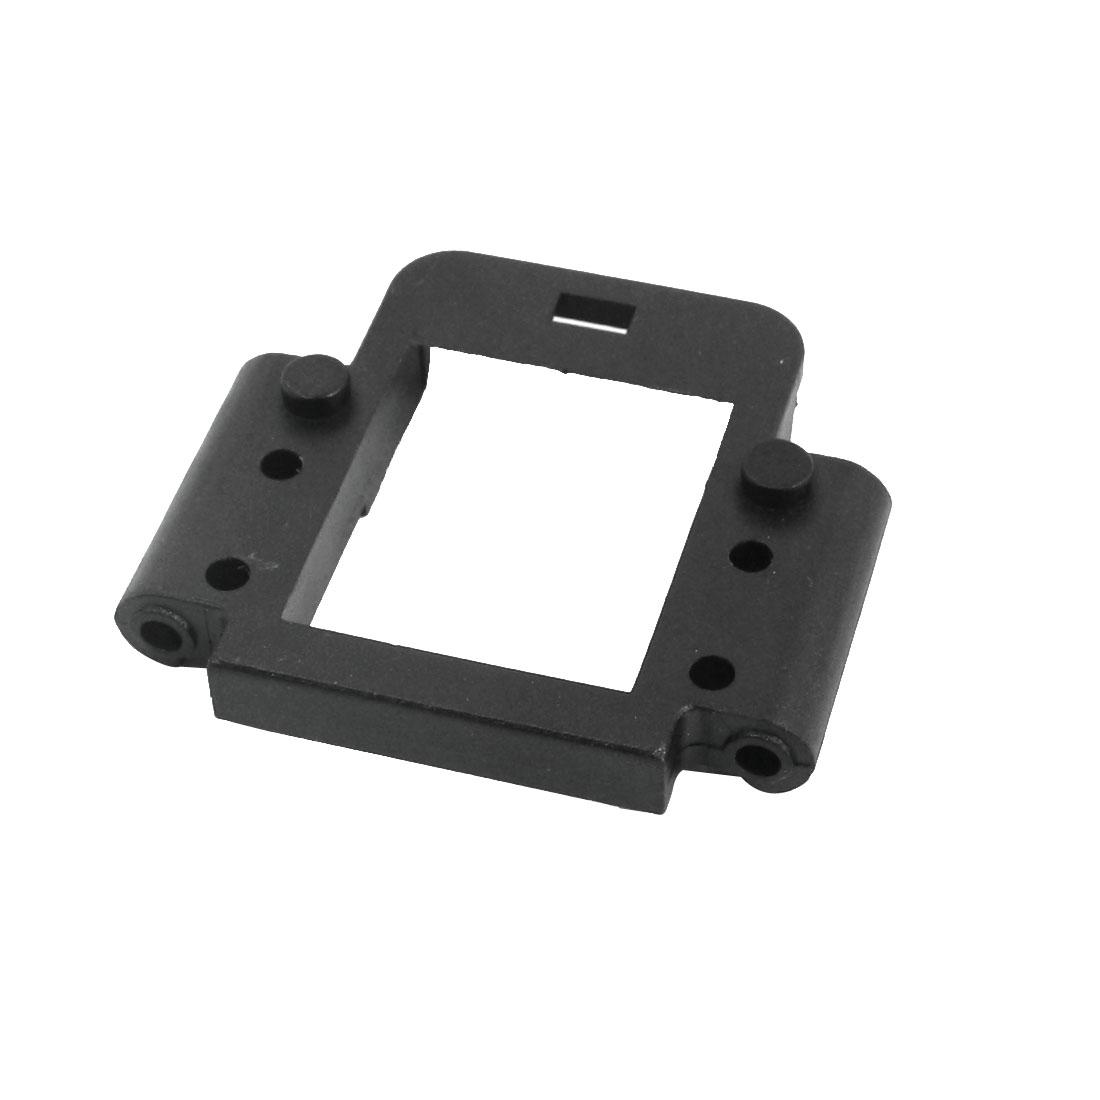 Black Plastic 02022 Front Suspension Arm Holder for 94170 RC 1/10 Model Car